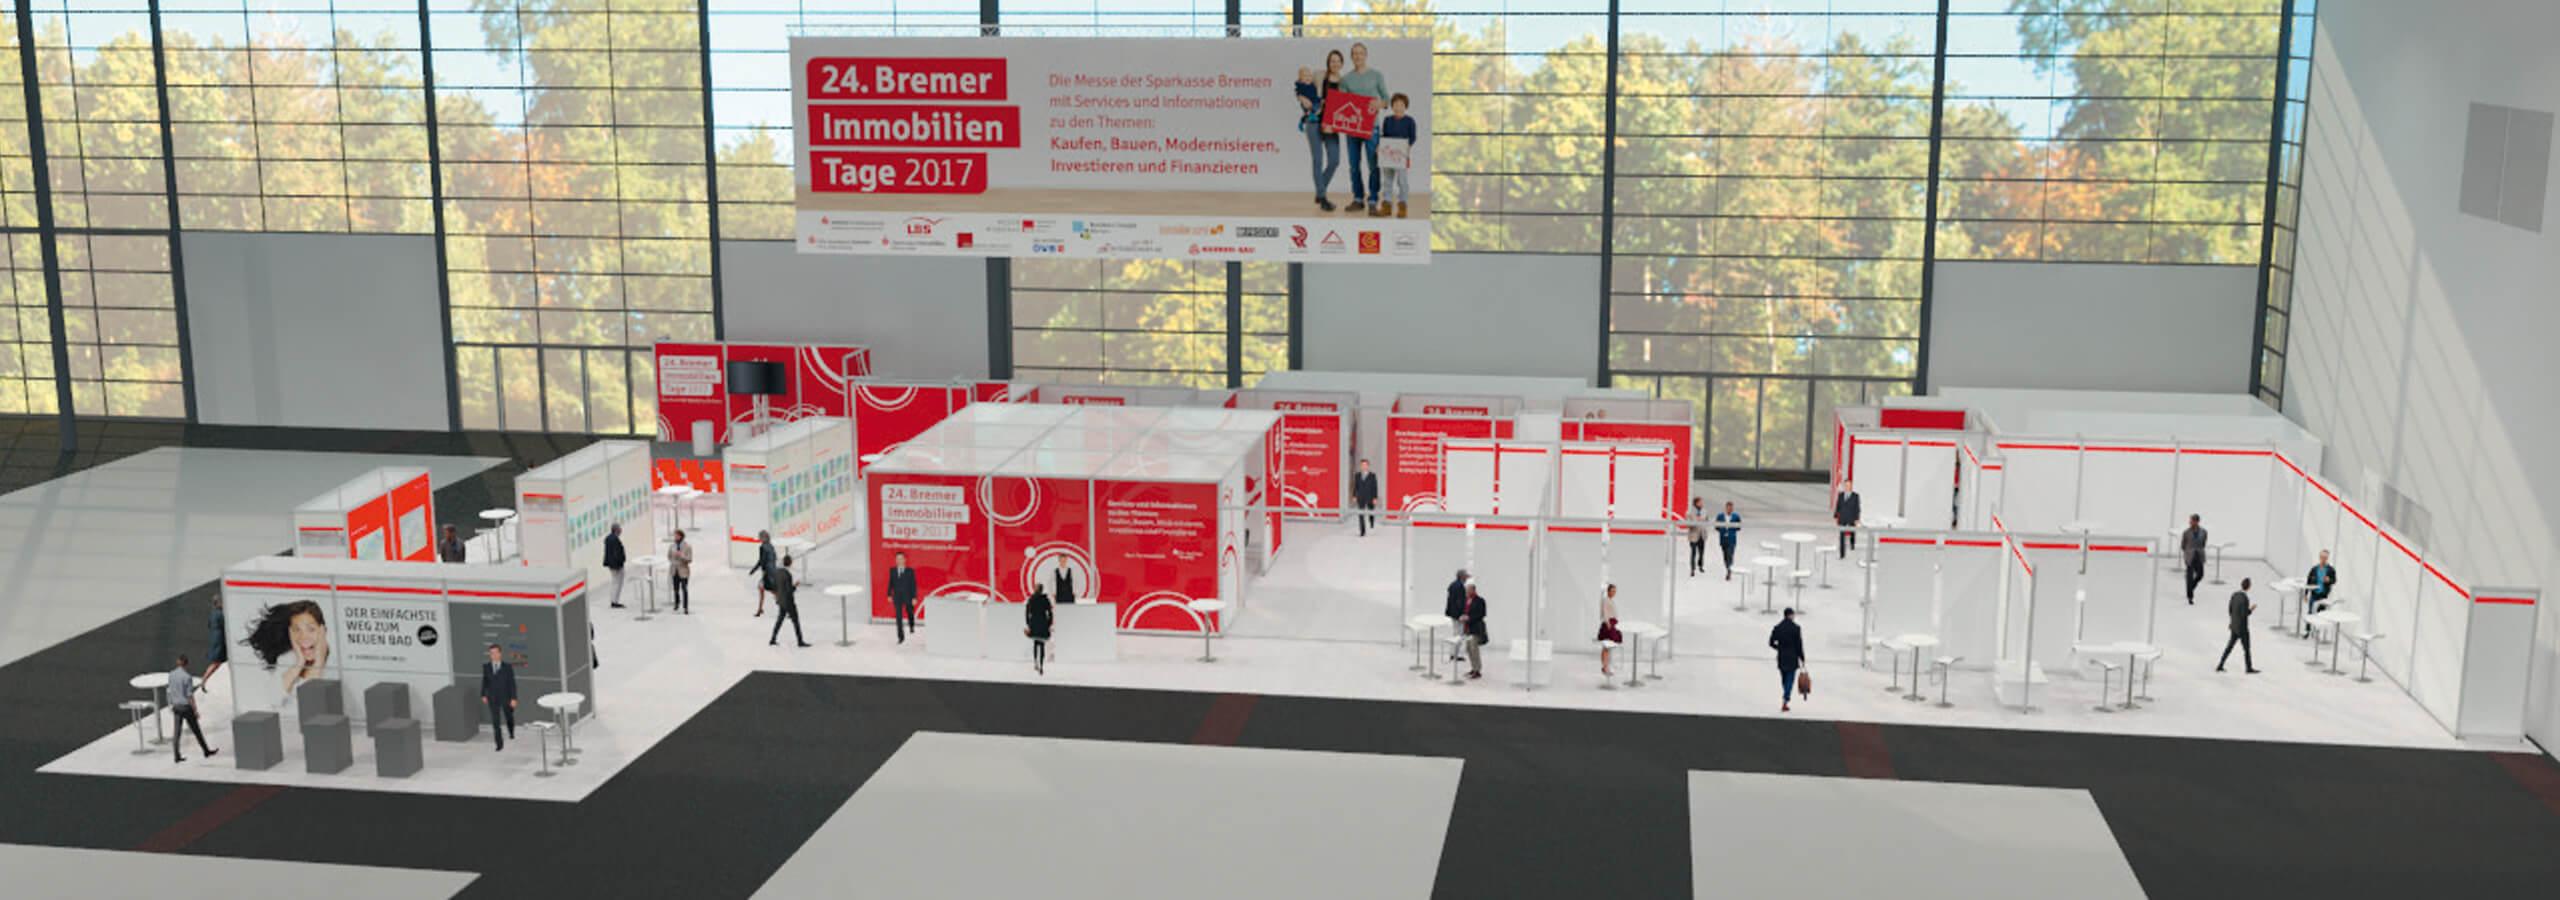 Anka Werbung - Messebau Bremen - 3D-Visualisierung